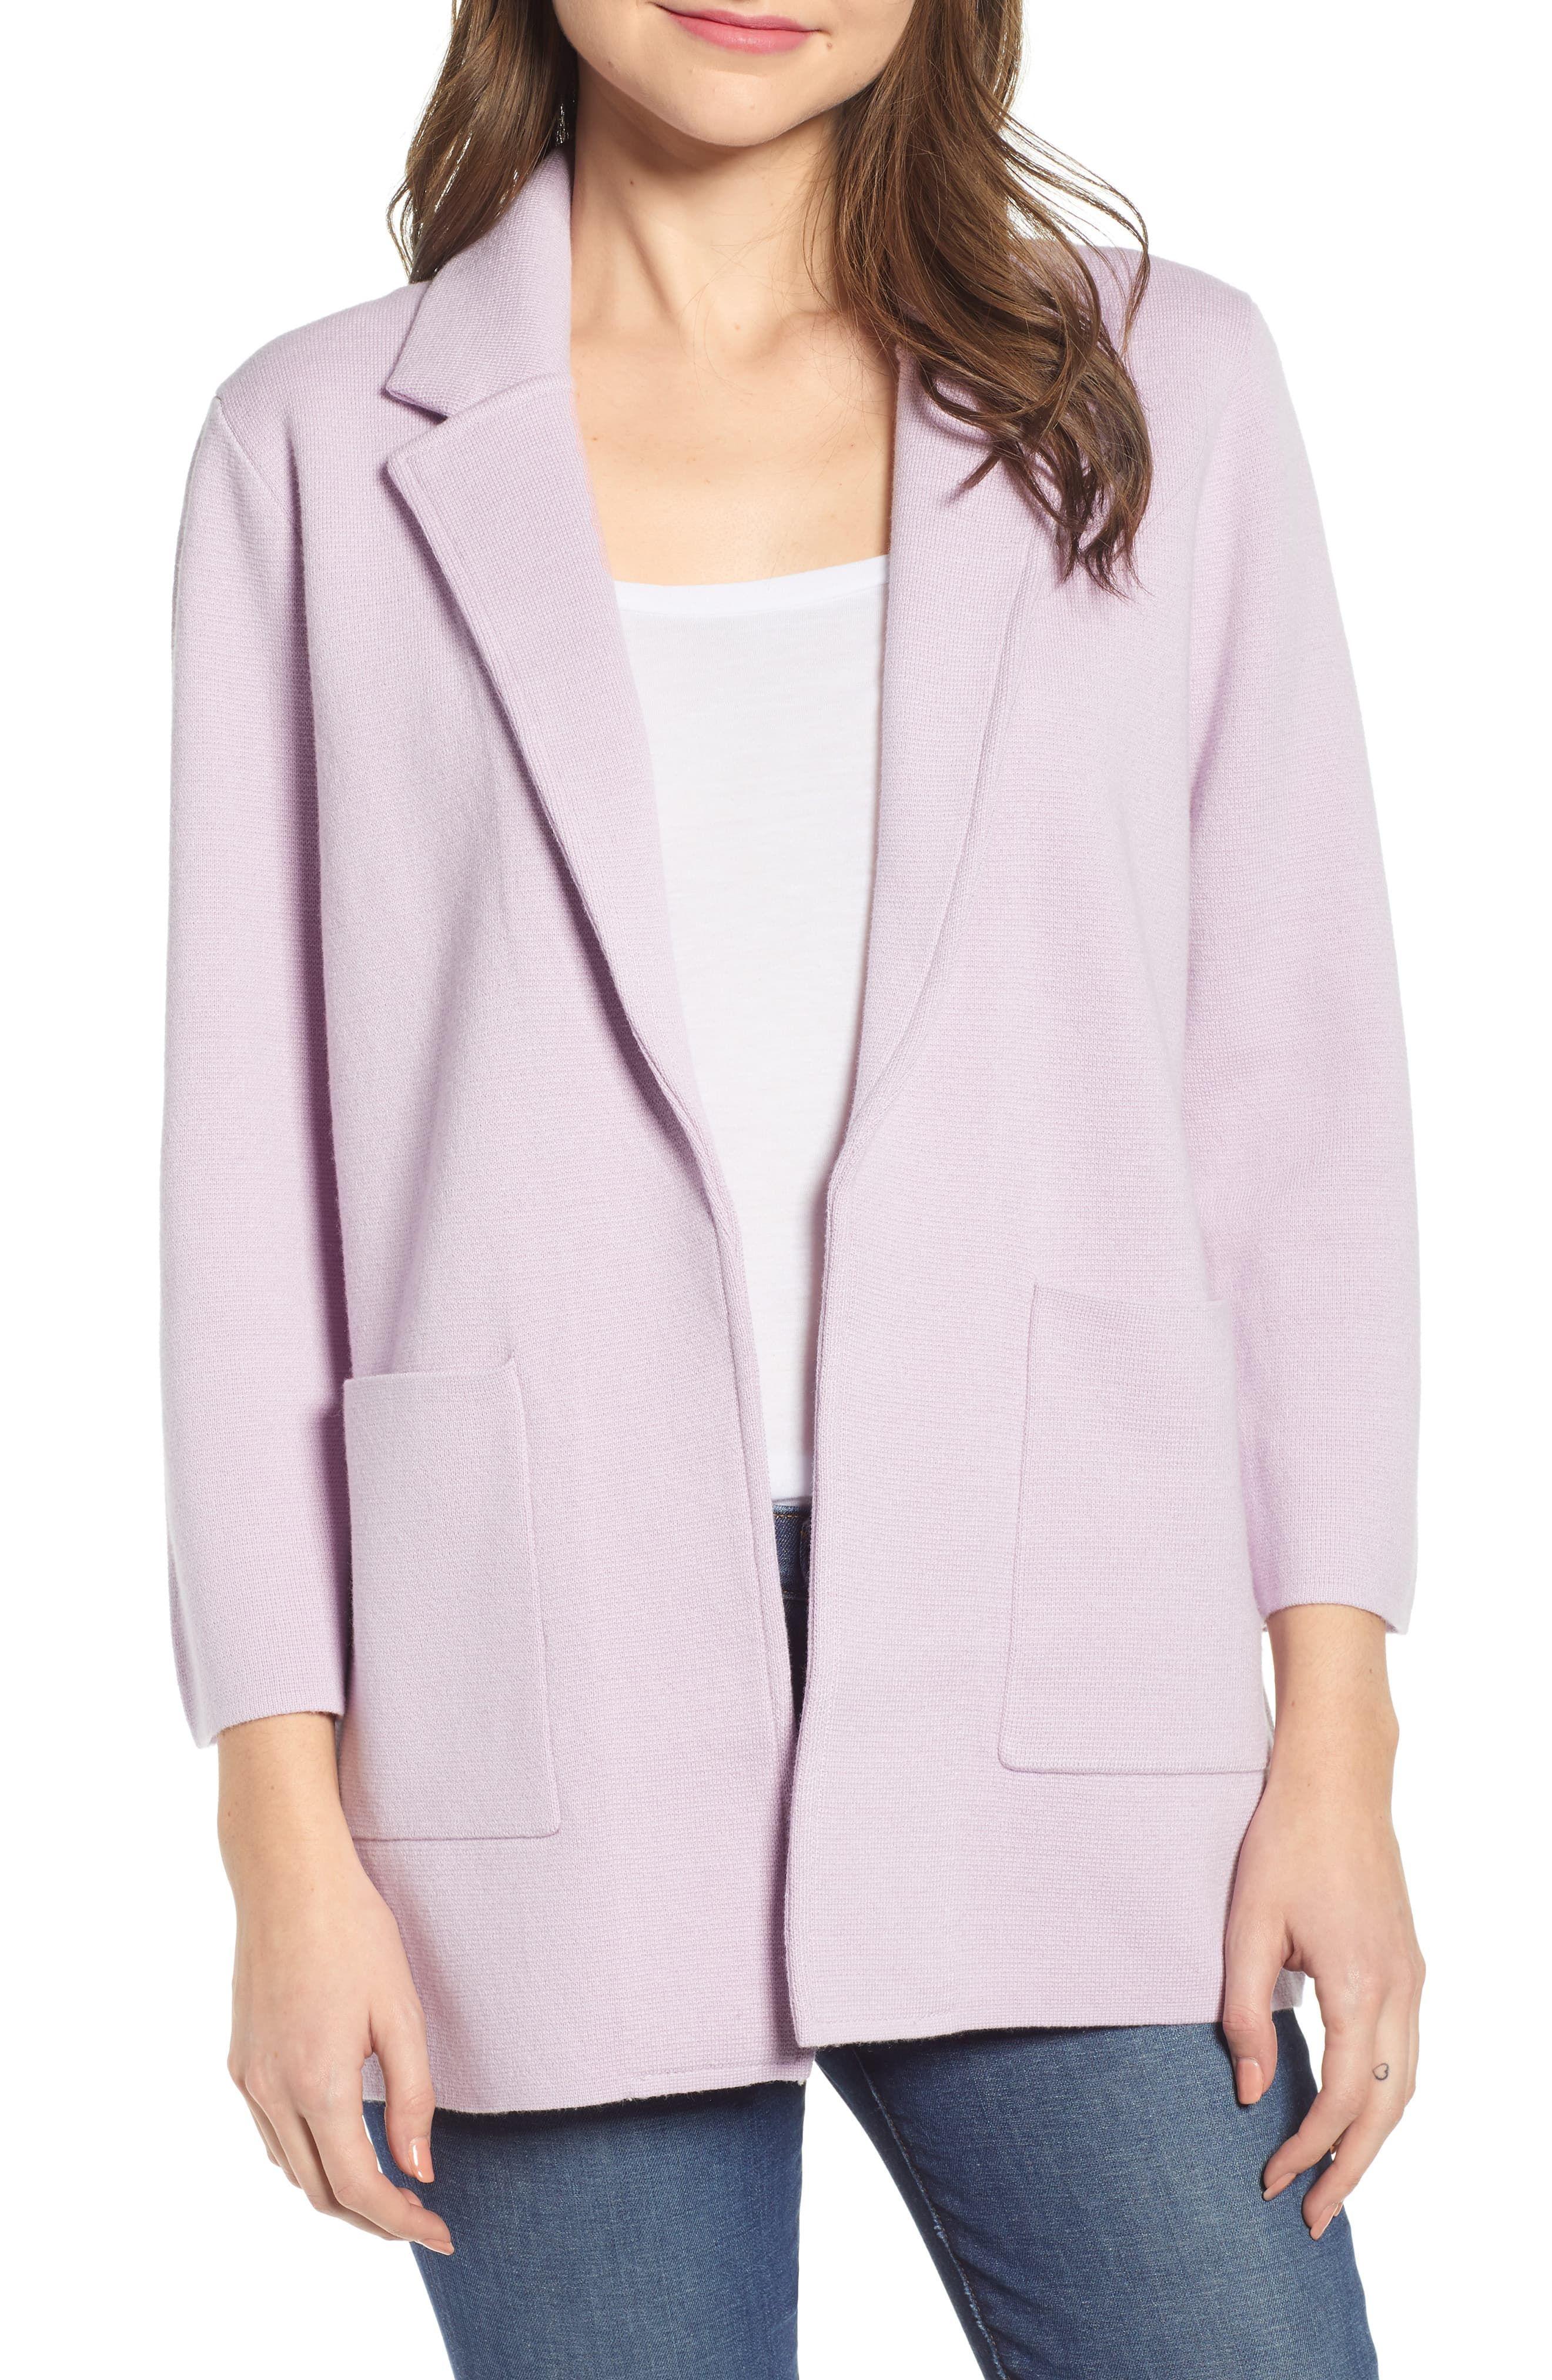 e8a9230018a0 Women's J.crew New Lightweight Sweater Blazer, Size Medium - Pink ...